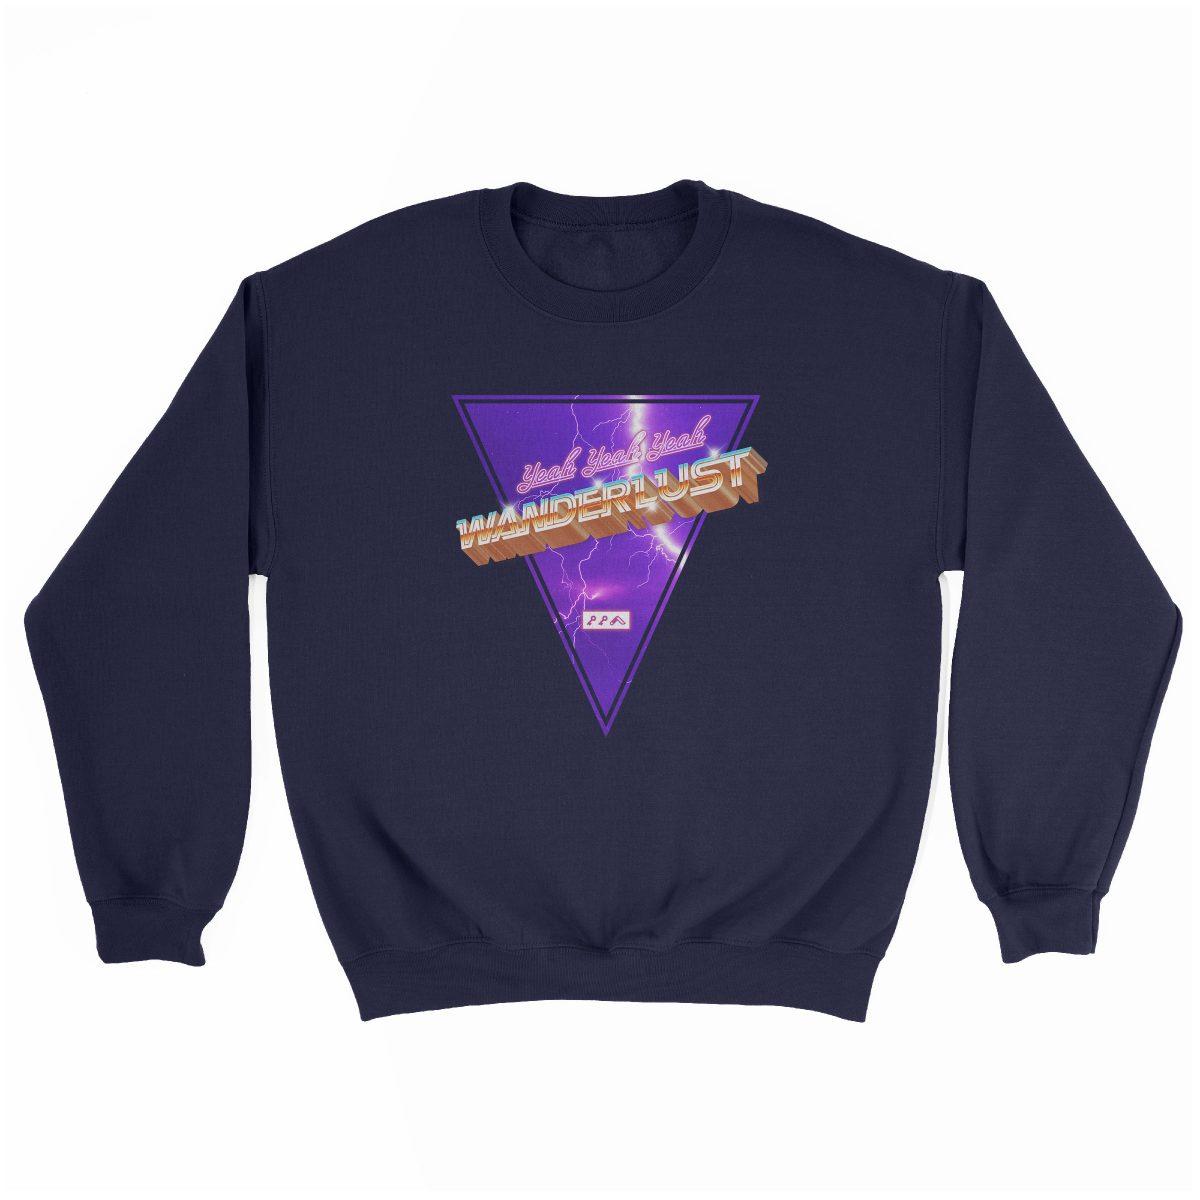 """(yeah yeah yeah) """"WANDERLUST"""" music festival artist sweatshirt in navy"""